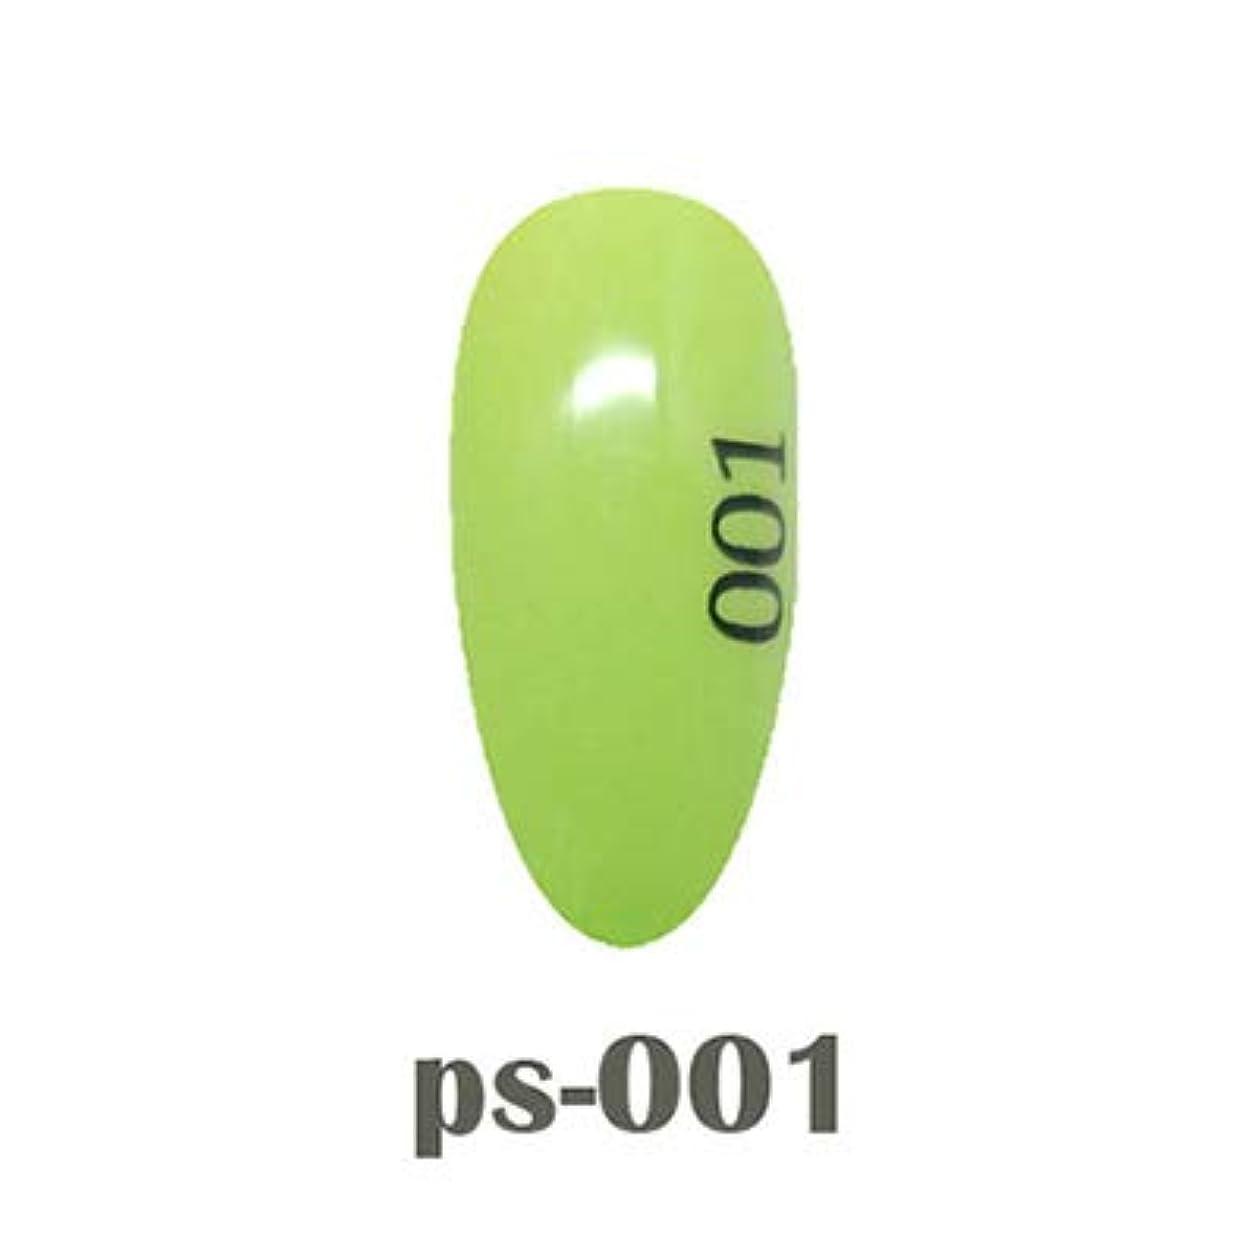 驚いたアプト要求アイスジェル カラージェル ポイントパステルシリーズ PP-001 3g